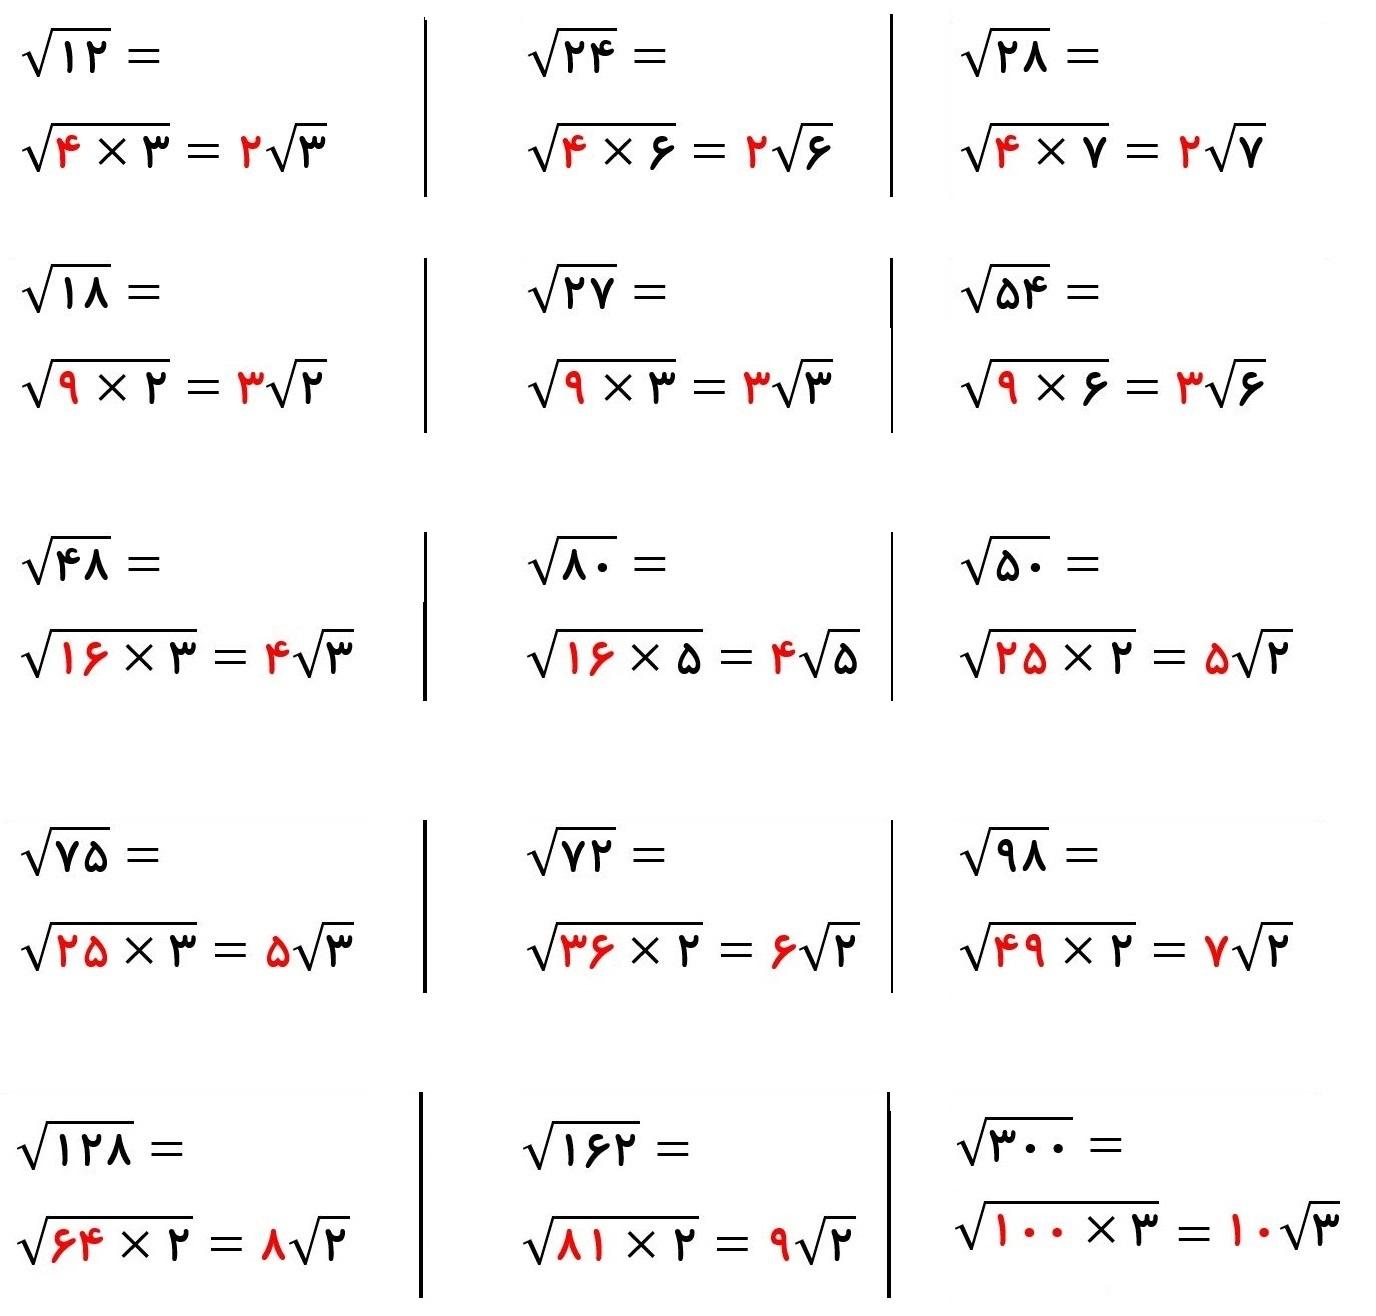 تبدیل رادیکال به ضرب عدد در رادیکال - پاسخ مثال آخر